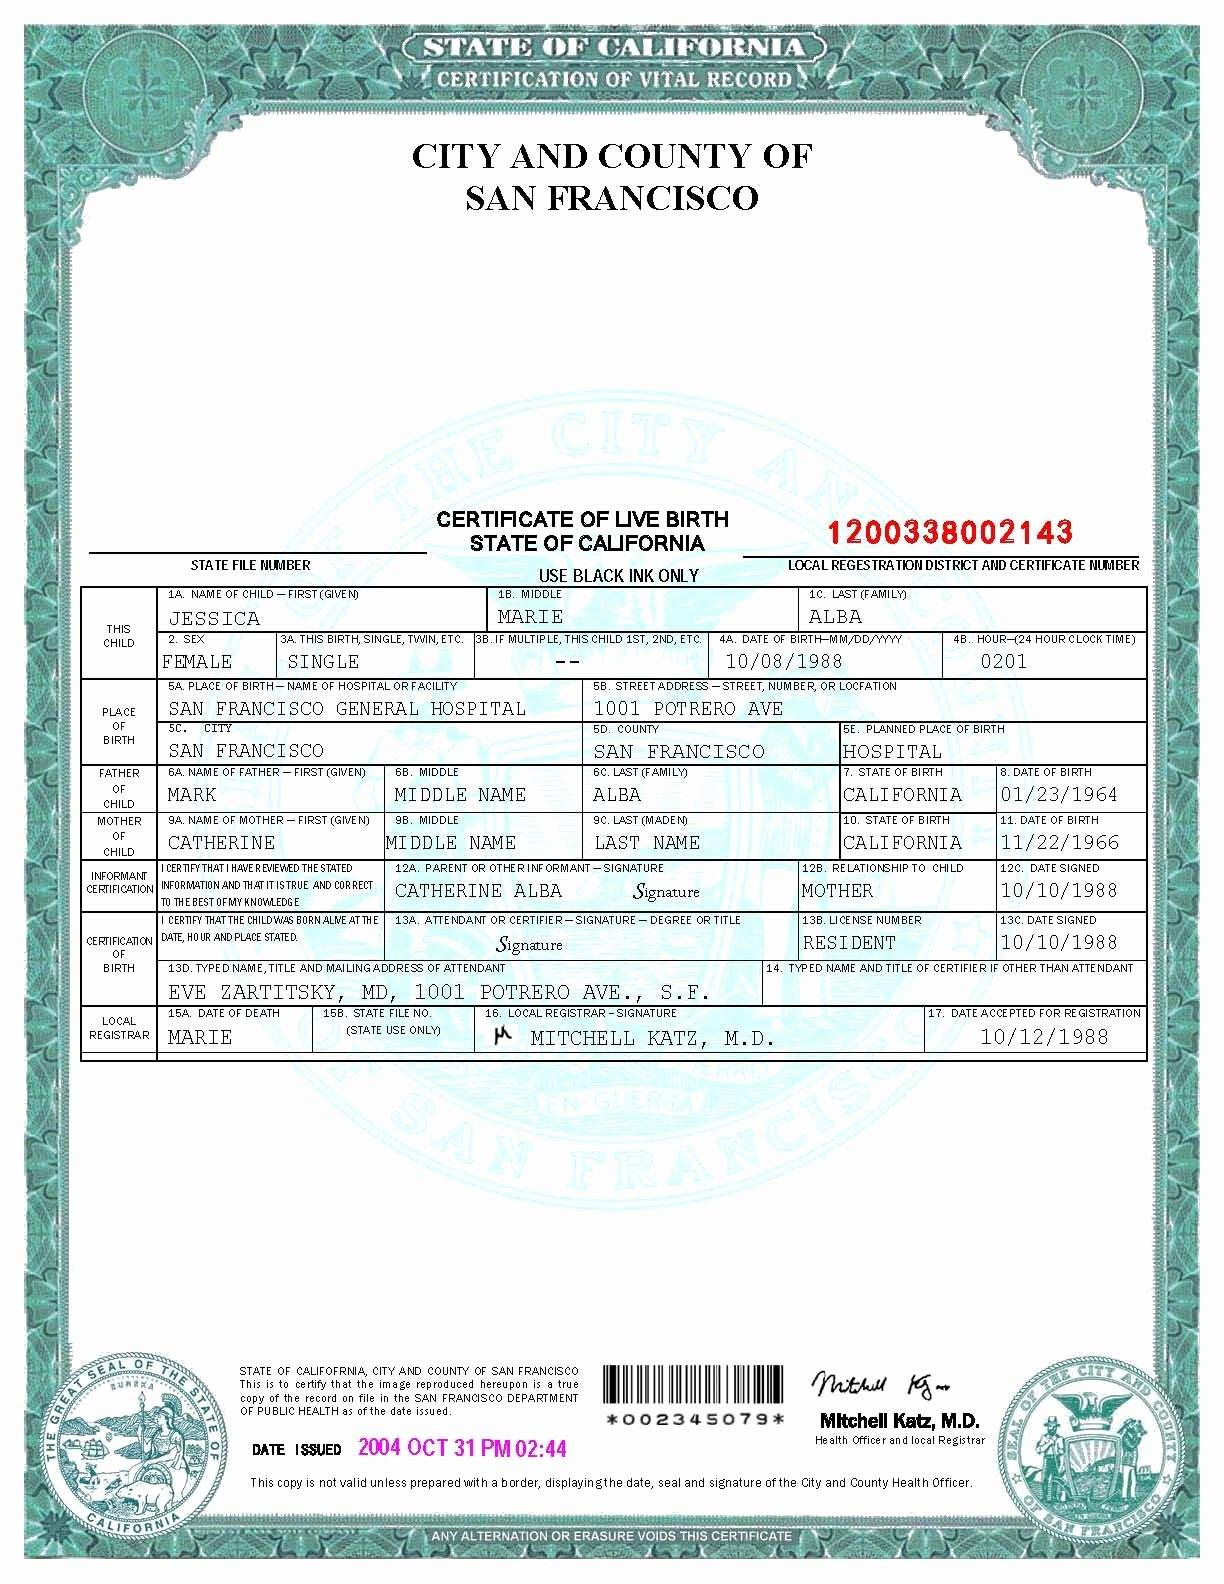 Fake Birth Certificate Template Elegant San Francisco Birth Certificate Template